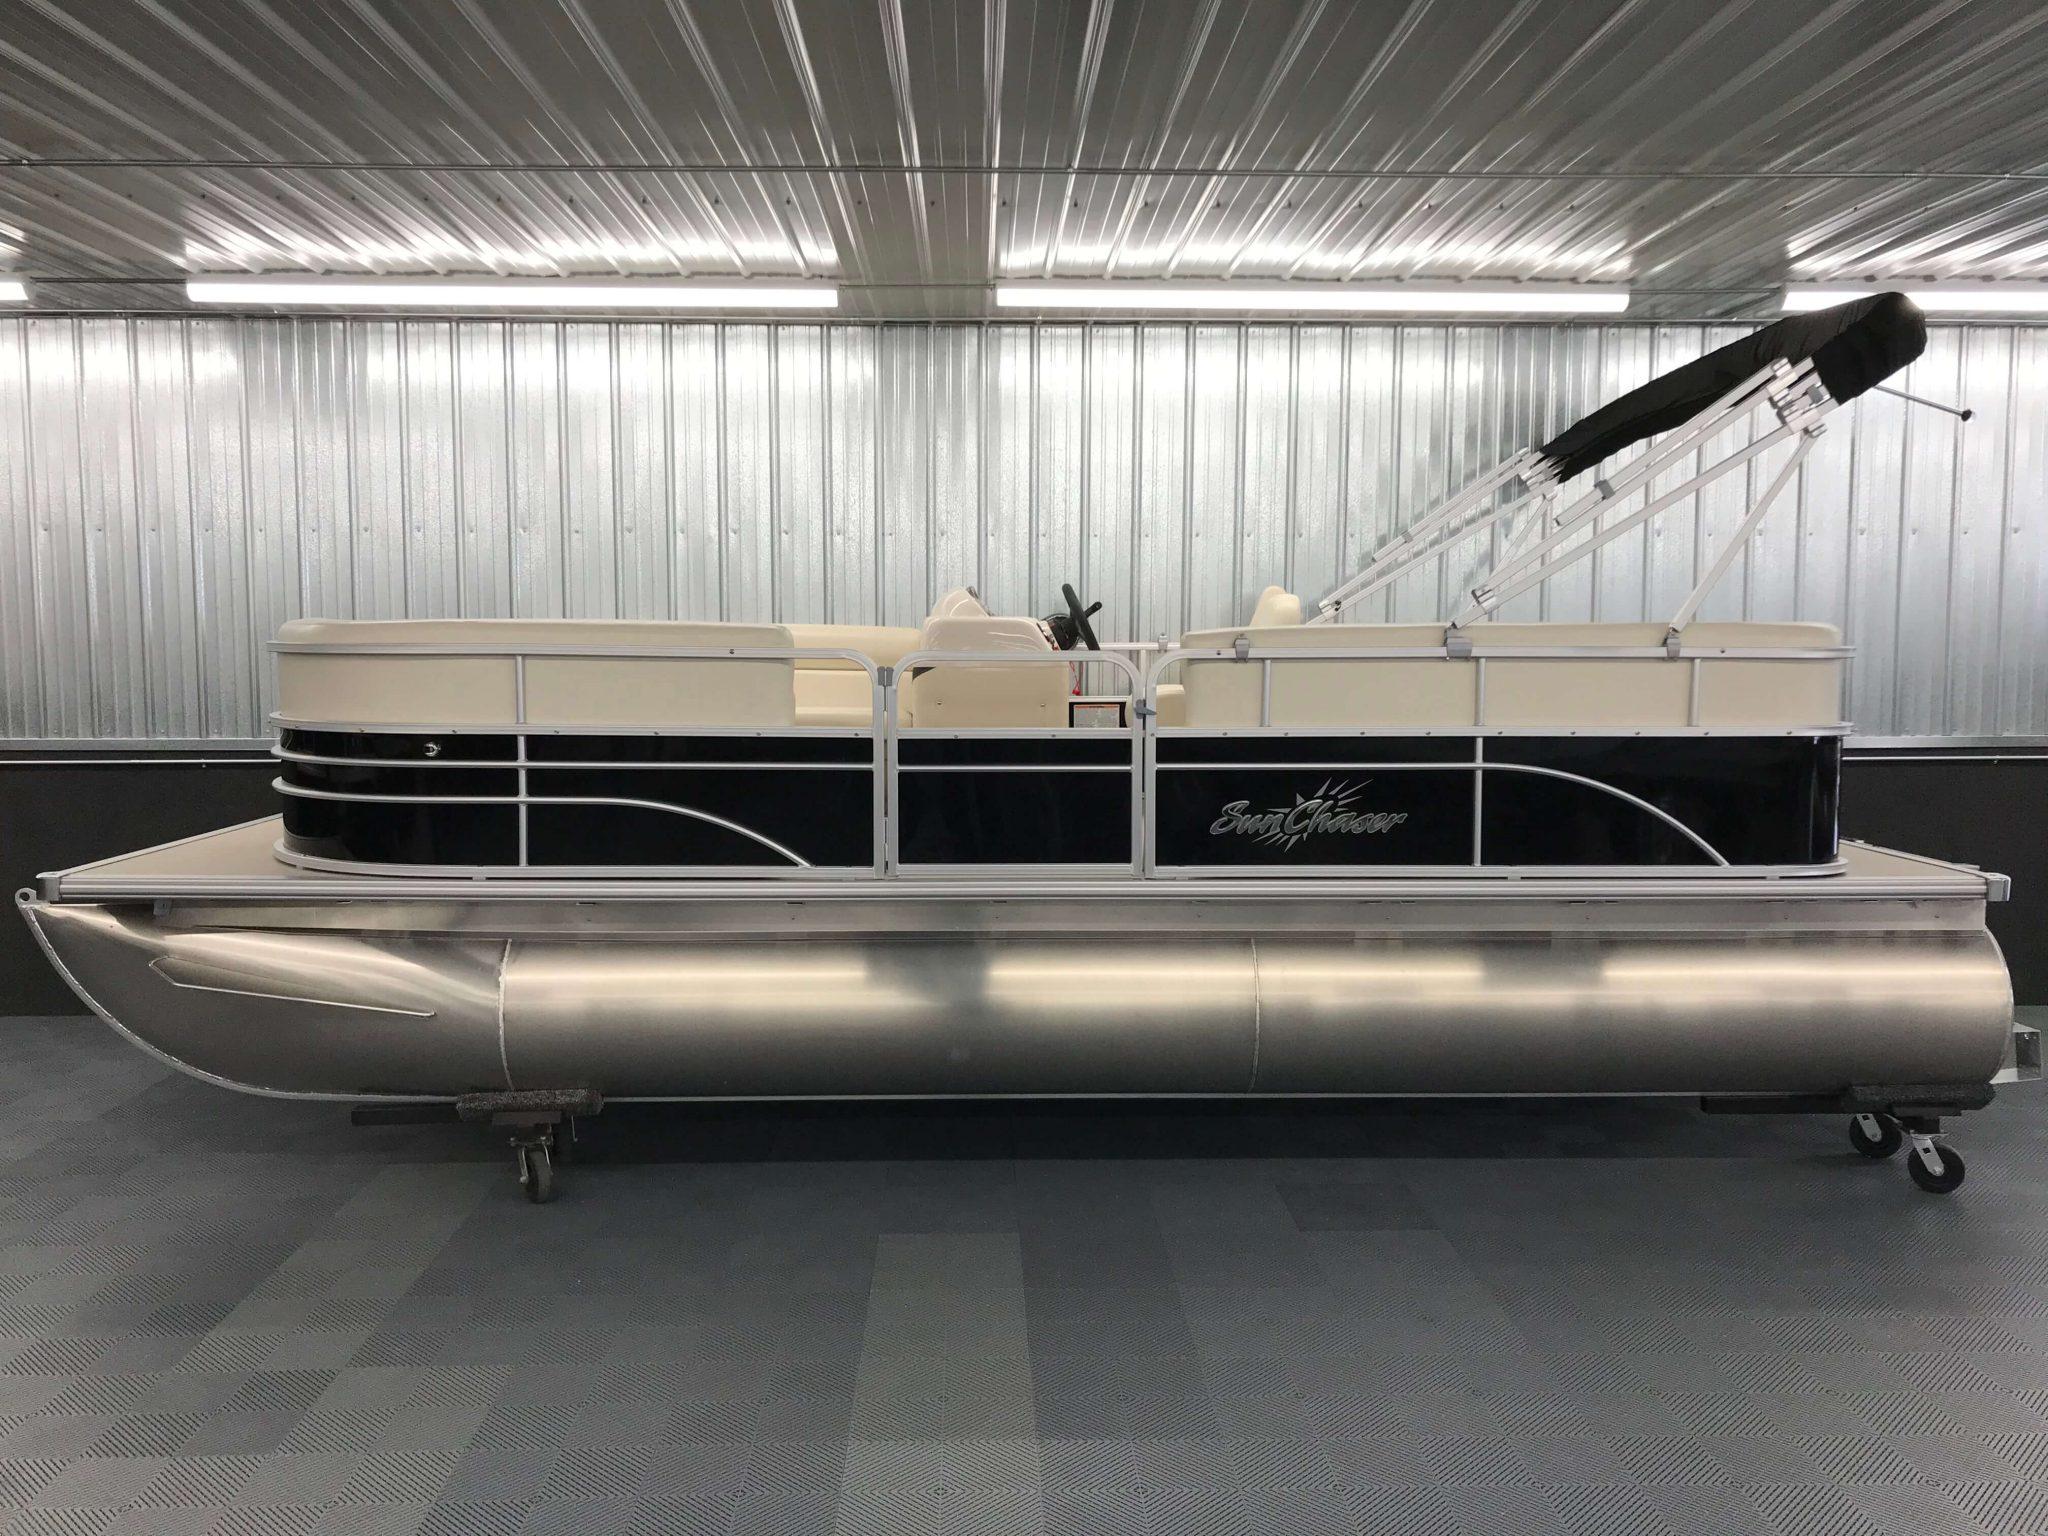 2019 SunChaser Oasis 820 Cruise Black 6